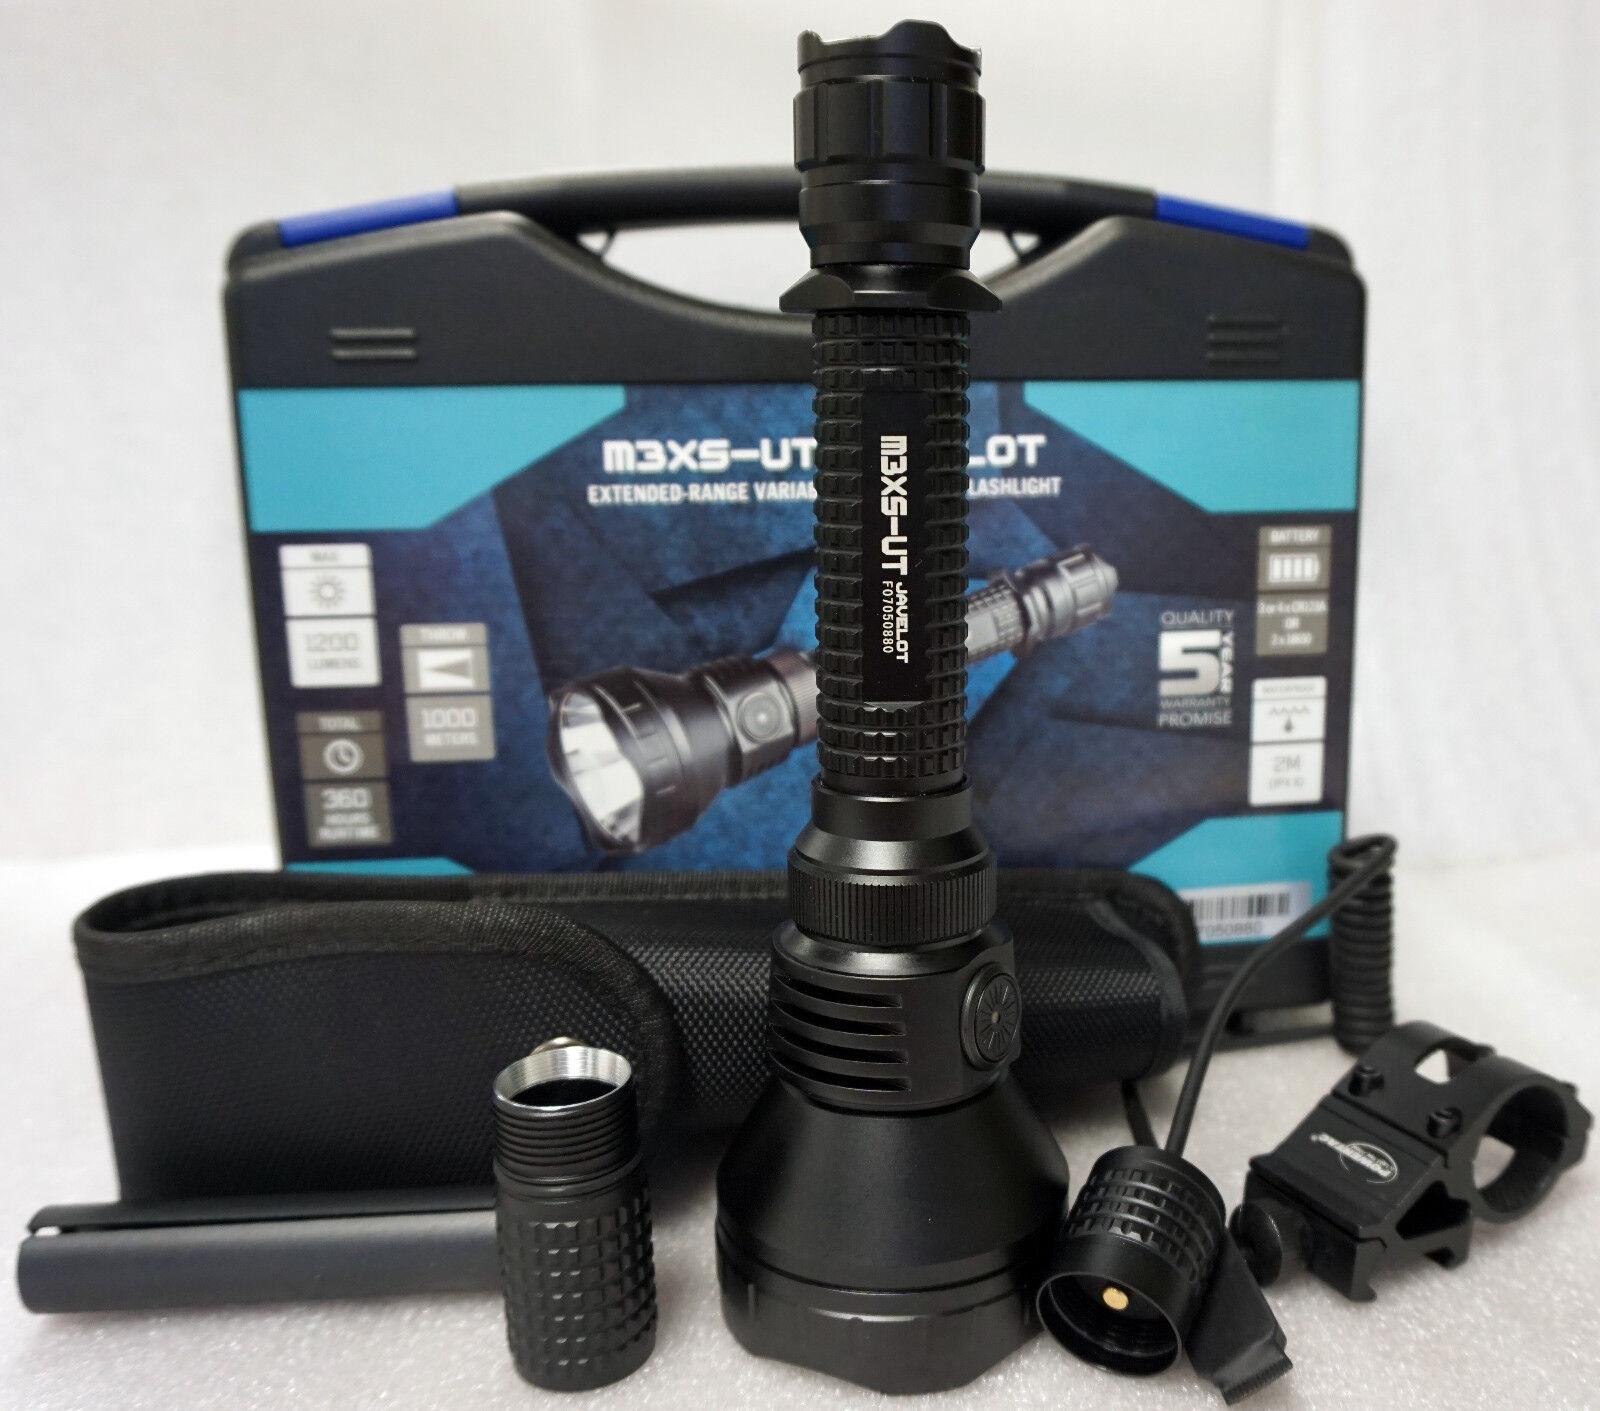 Olight m3xs-utjavelot Led Linterna Arma Kit Offset Mount y el interruptor de presión